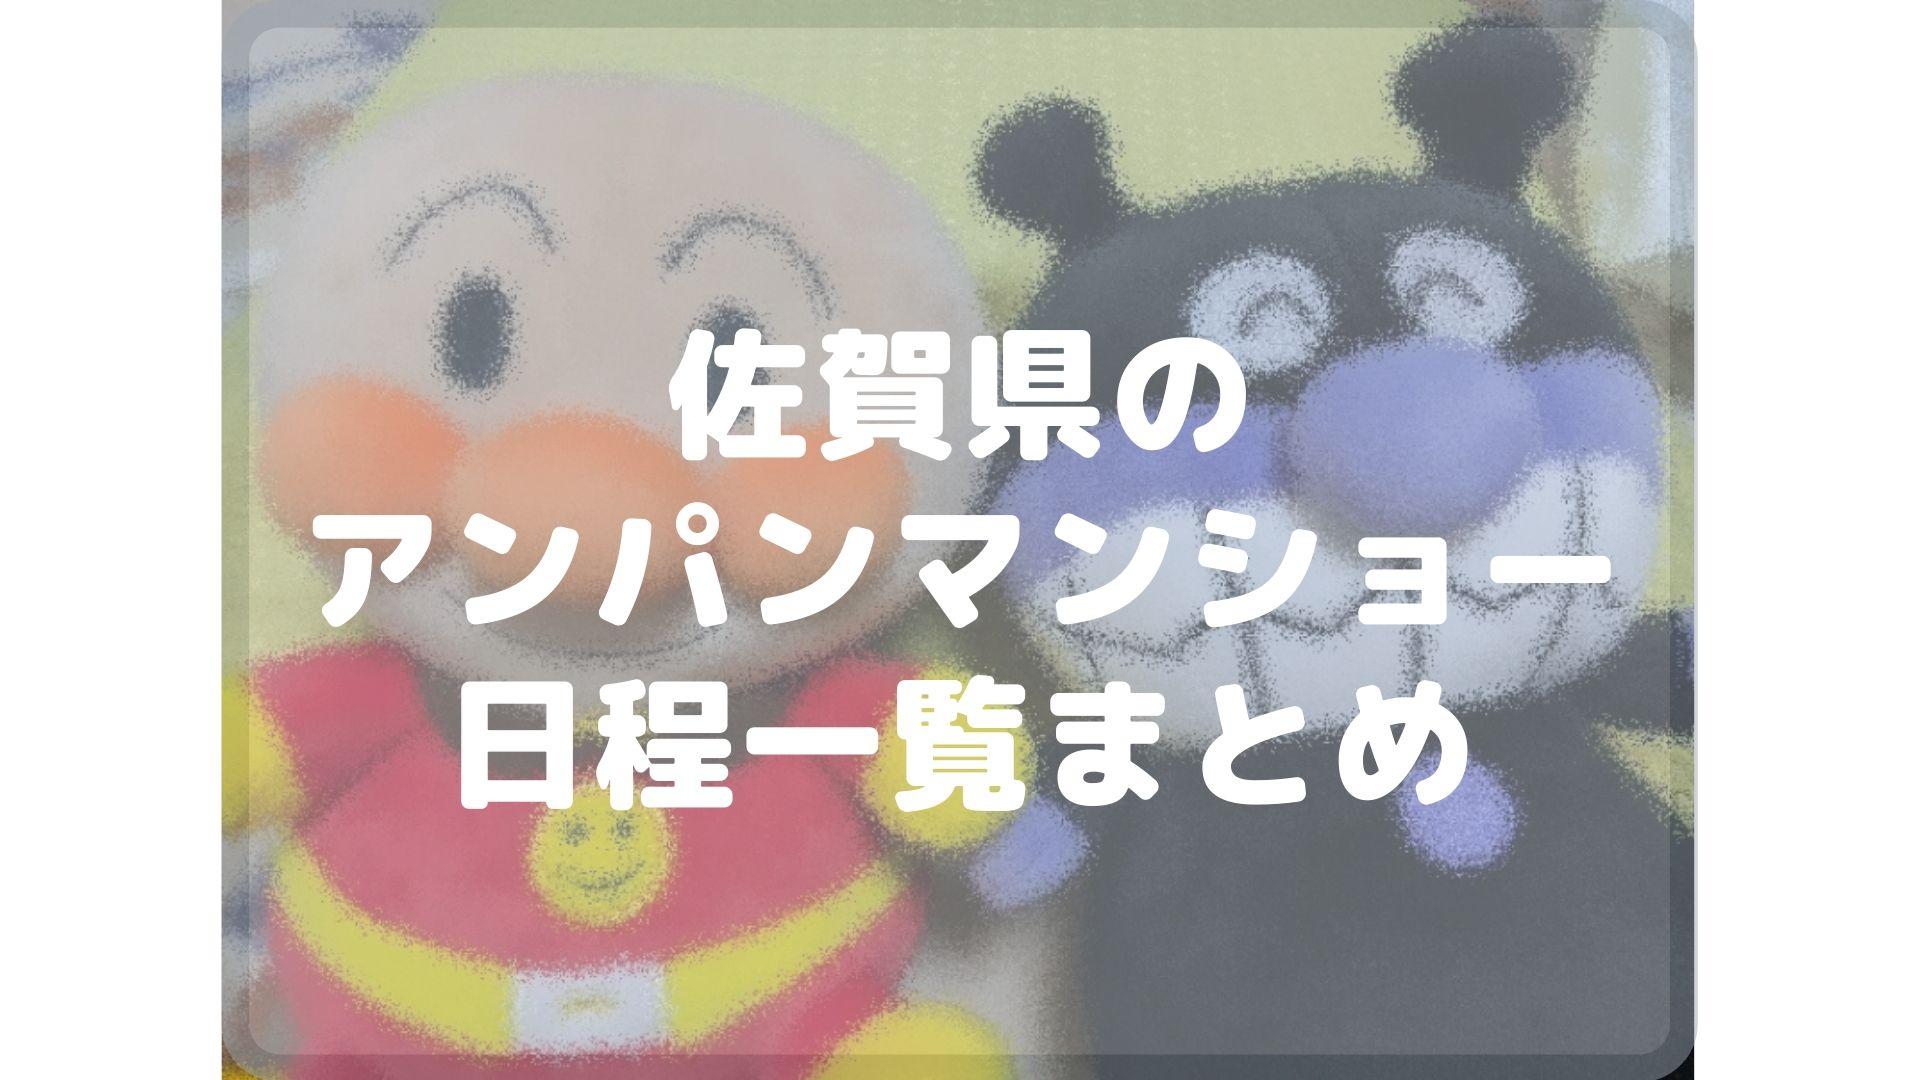 佐賀県のアンパンマンショーまとめタイトル画像